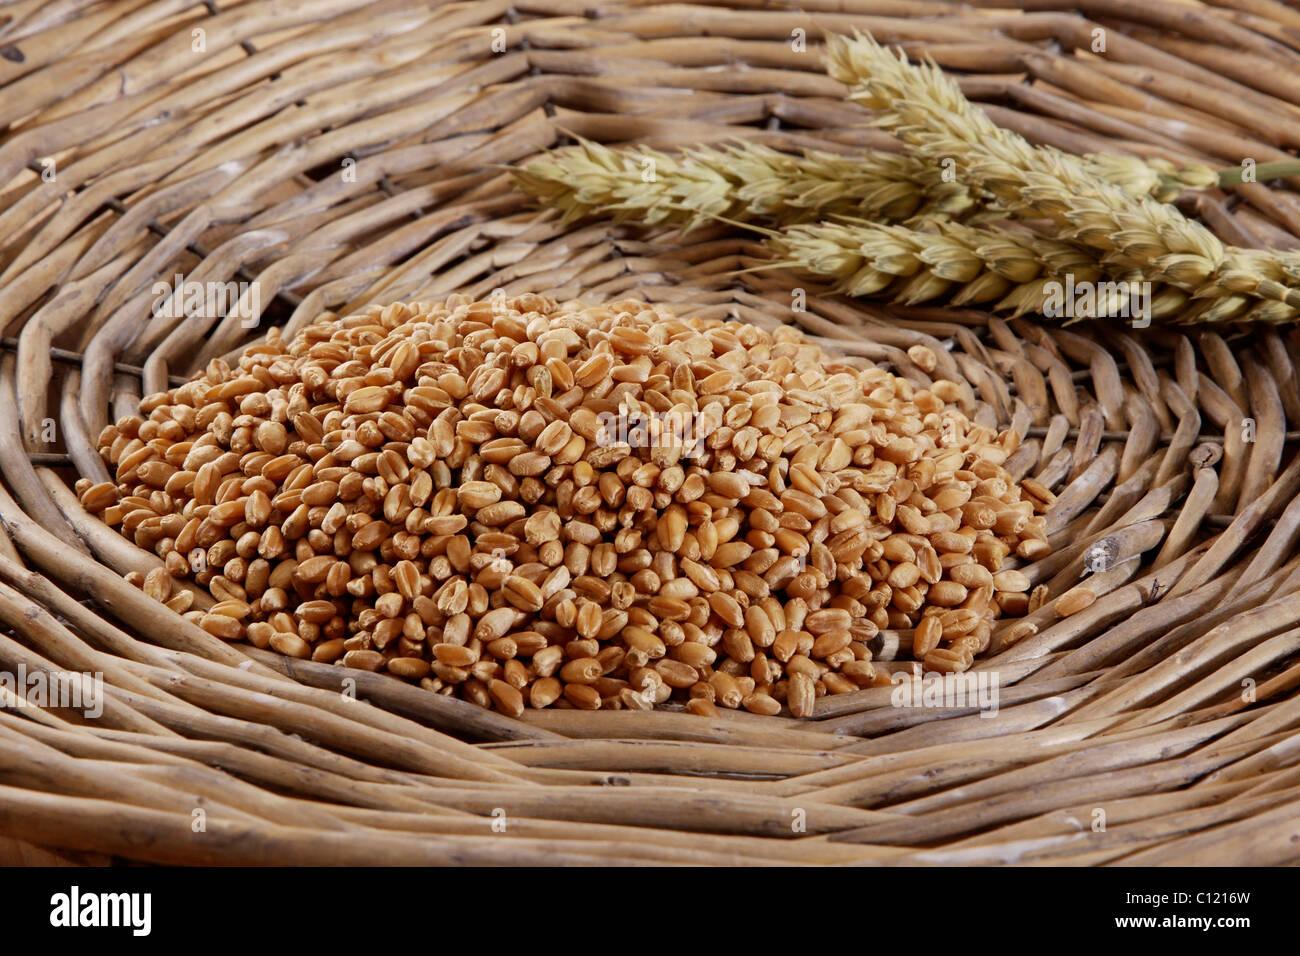 Grains de blé (Triticum) avec les épis de blé dans un panier tressé Photo Stock